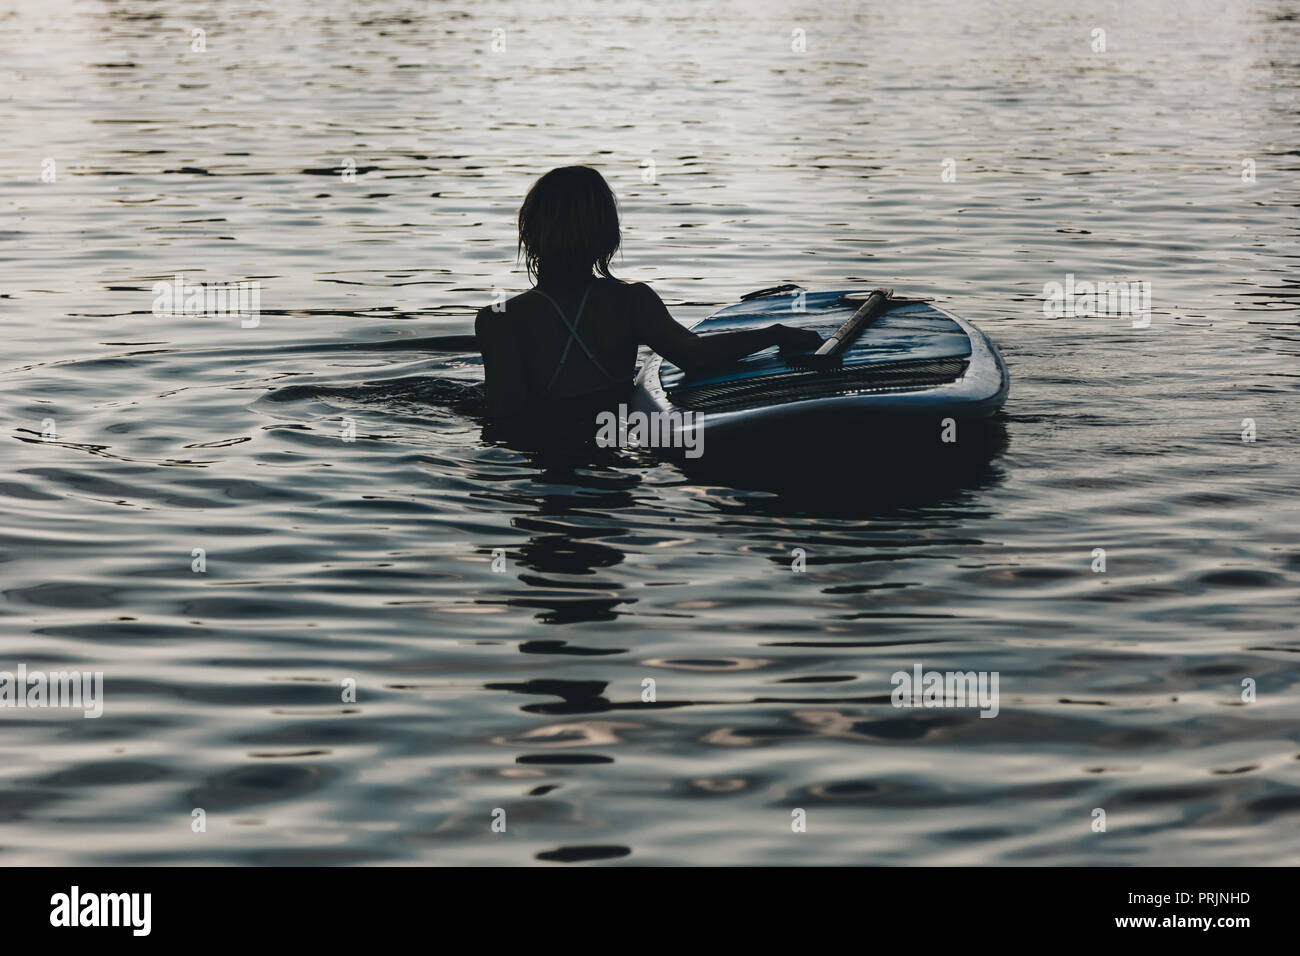 Silhouette de femme natation dans l'eau avec conseil sup Photo Stock